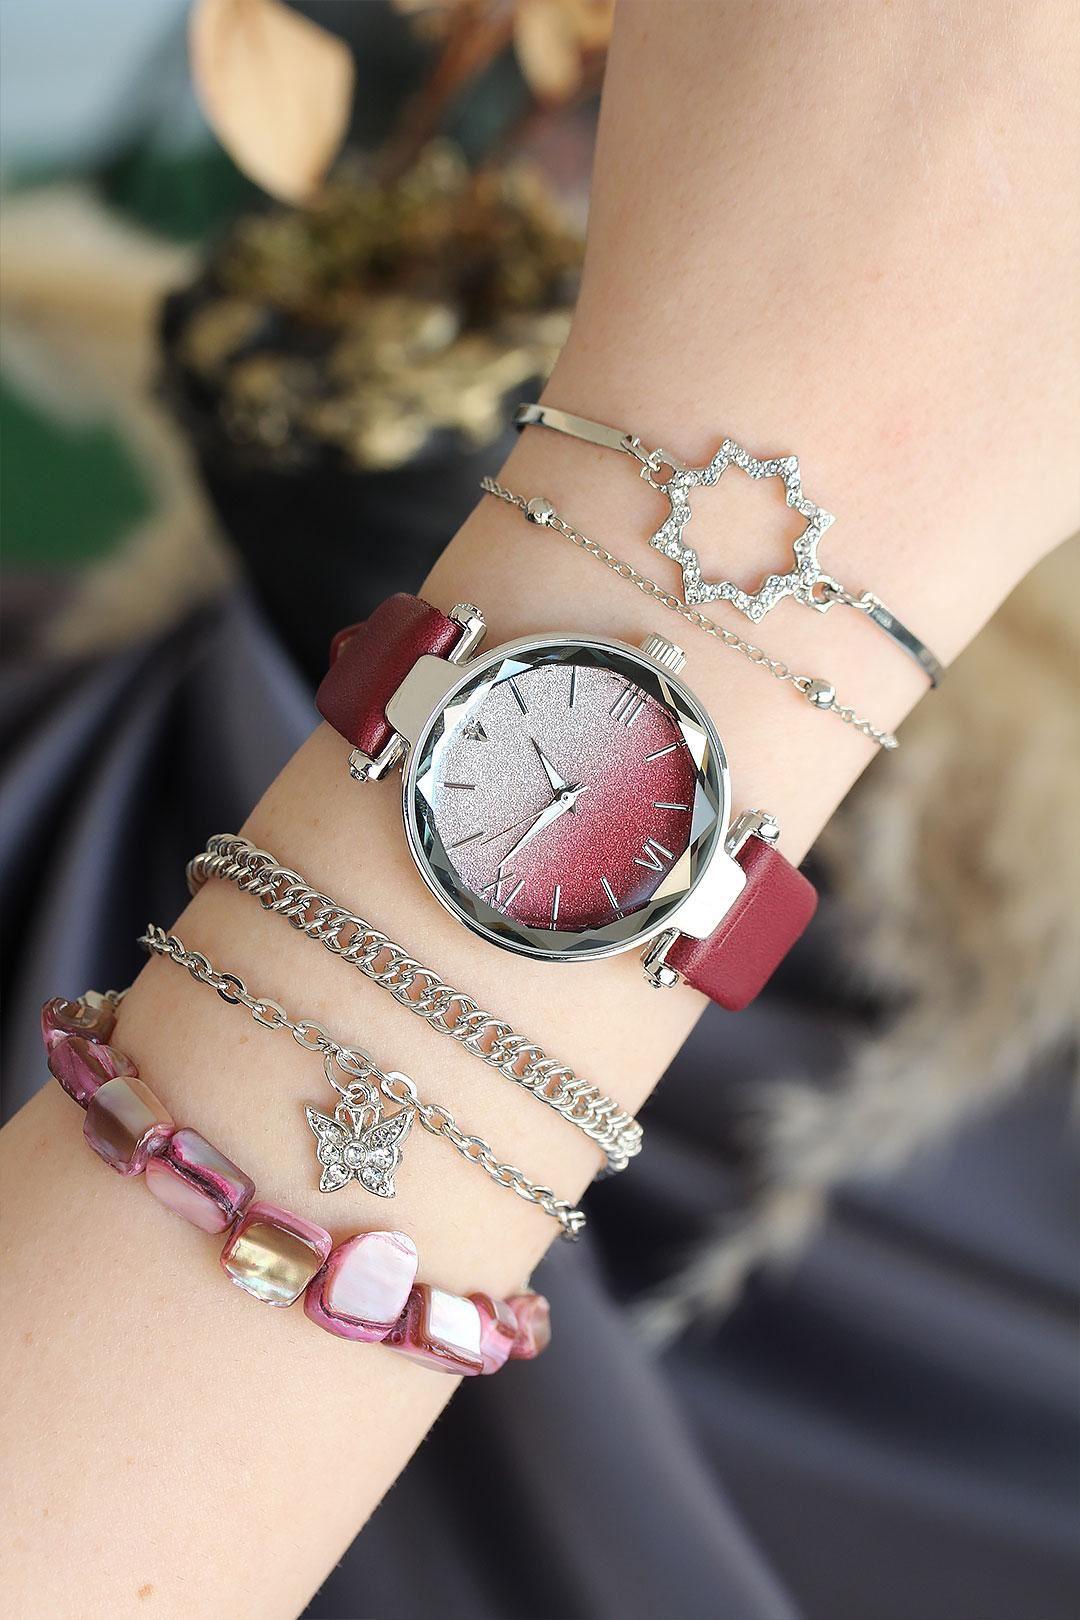 Bordo Renk Deri Kordonlu Gümüş Kasa Kadın Saat ve Bileklik Kombini